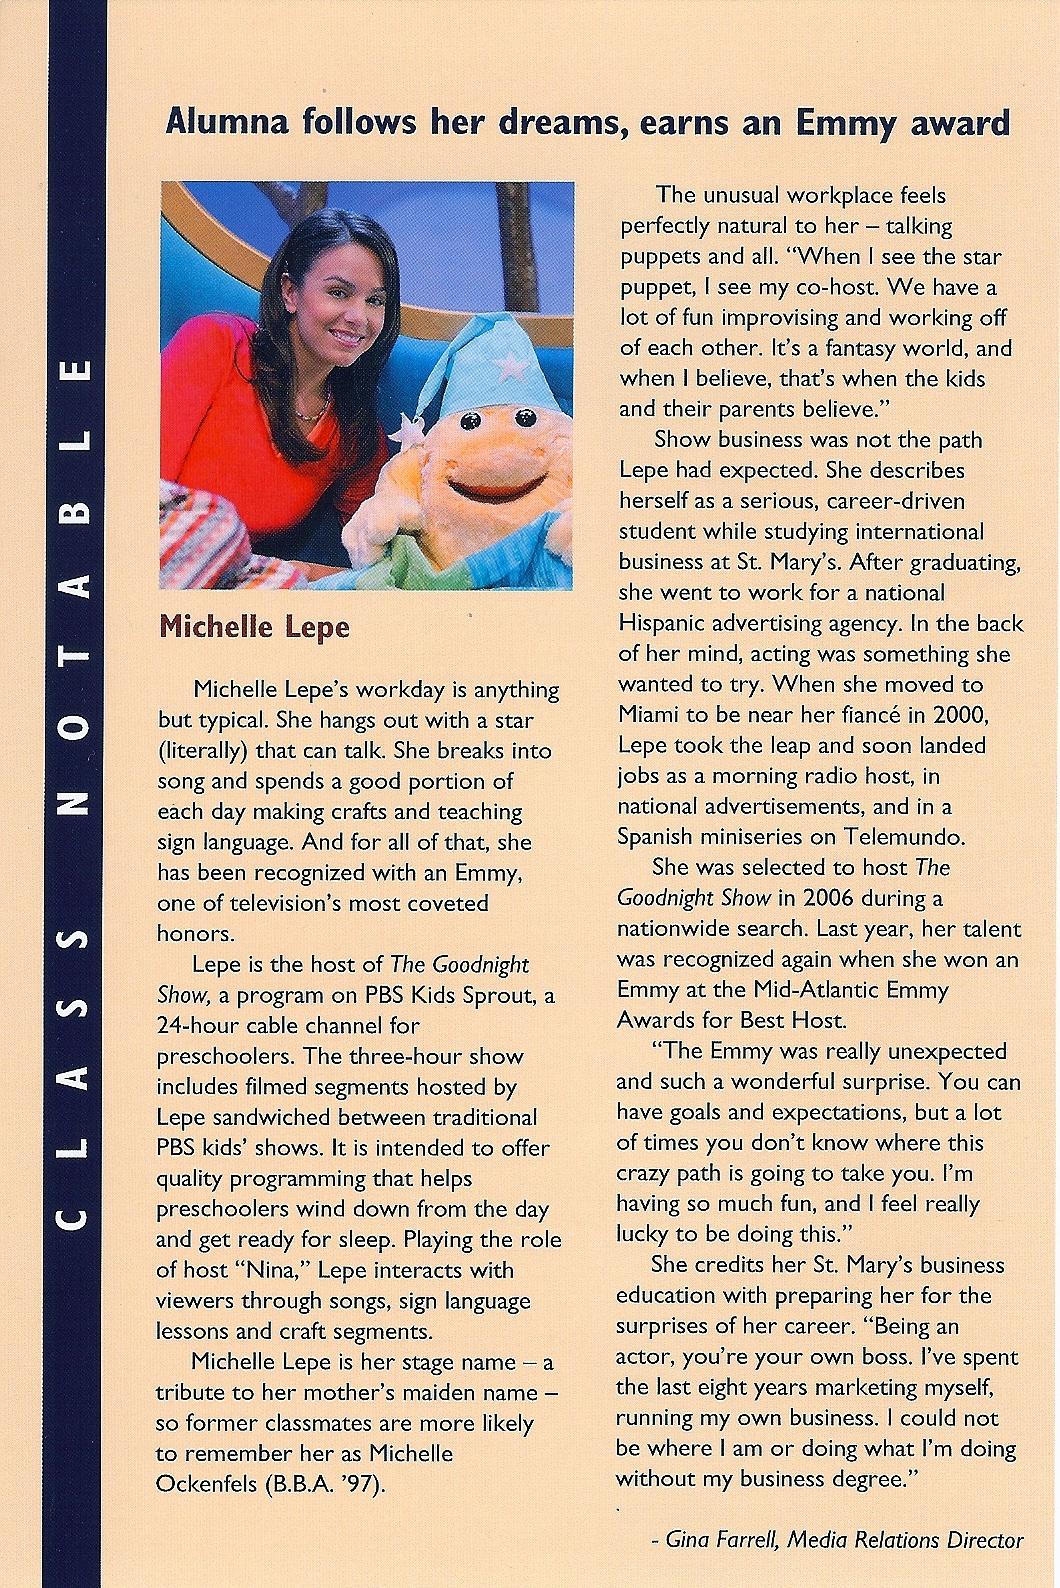 St.-Marys-U-article-p2.jpg